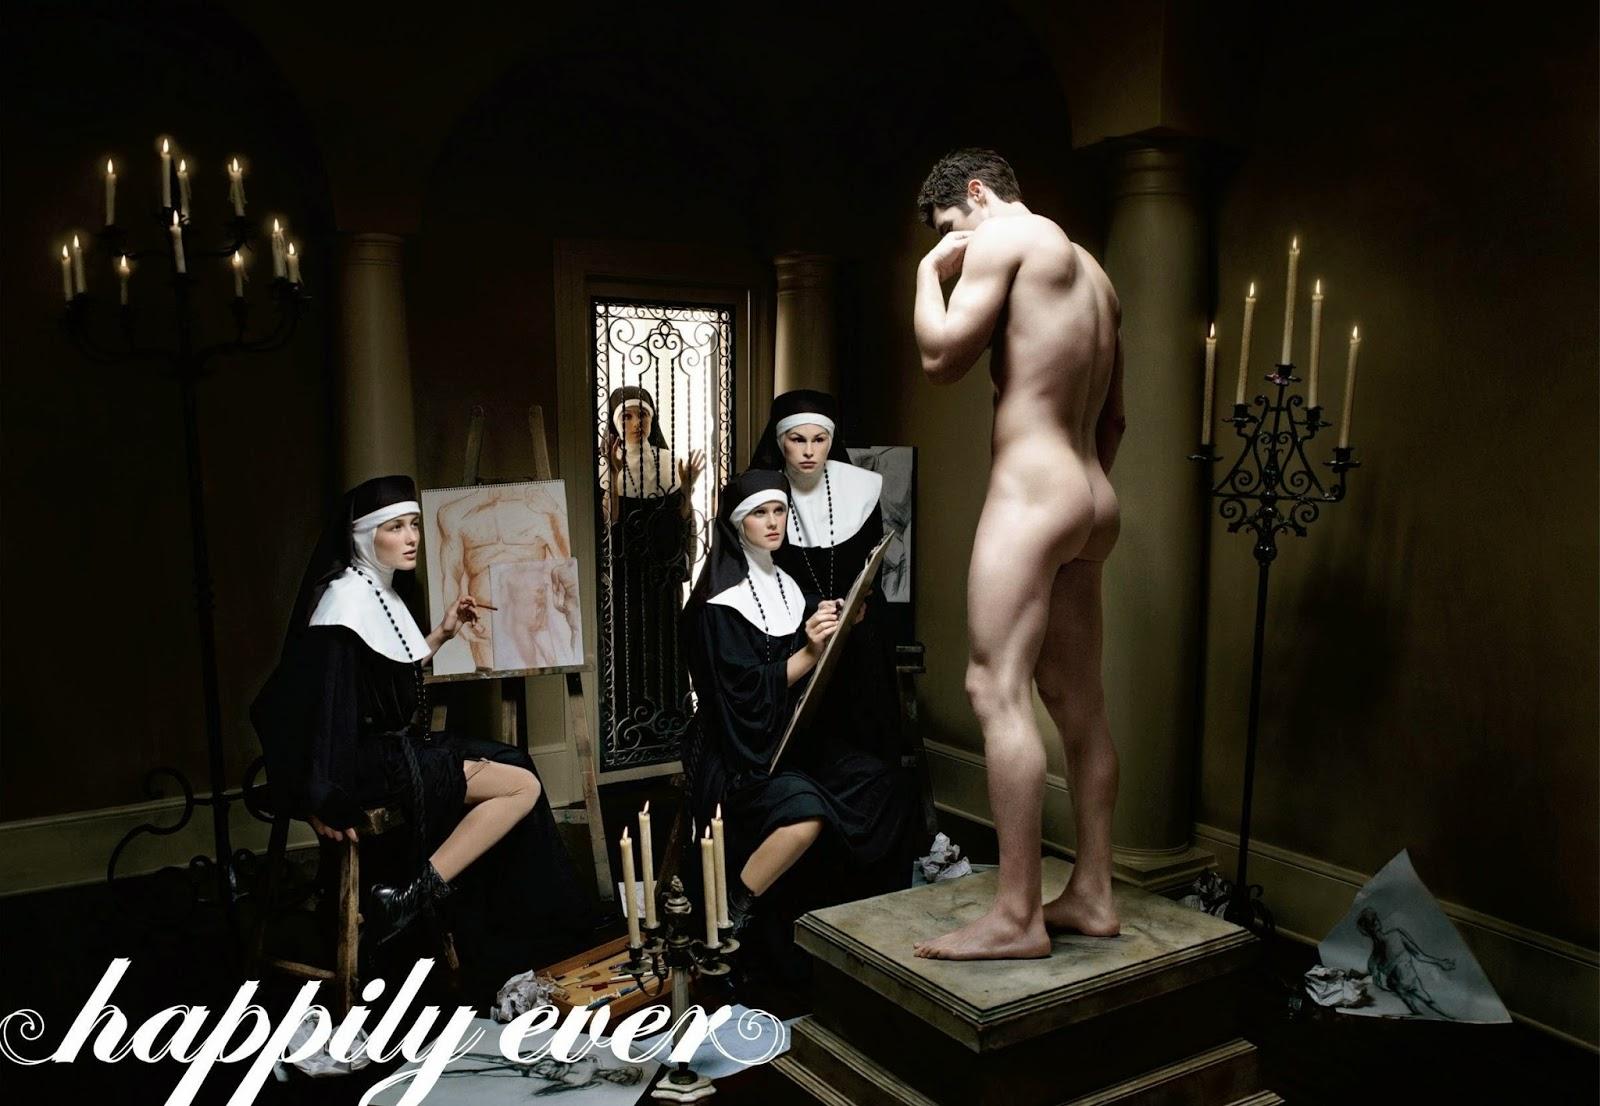 Nude catholic art erotic images